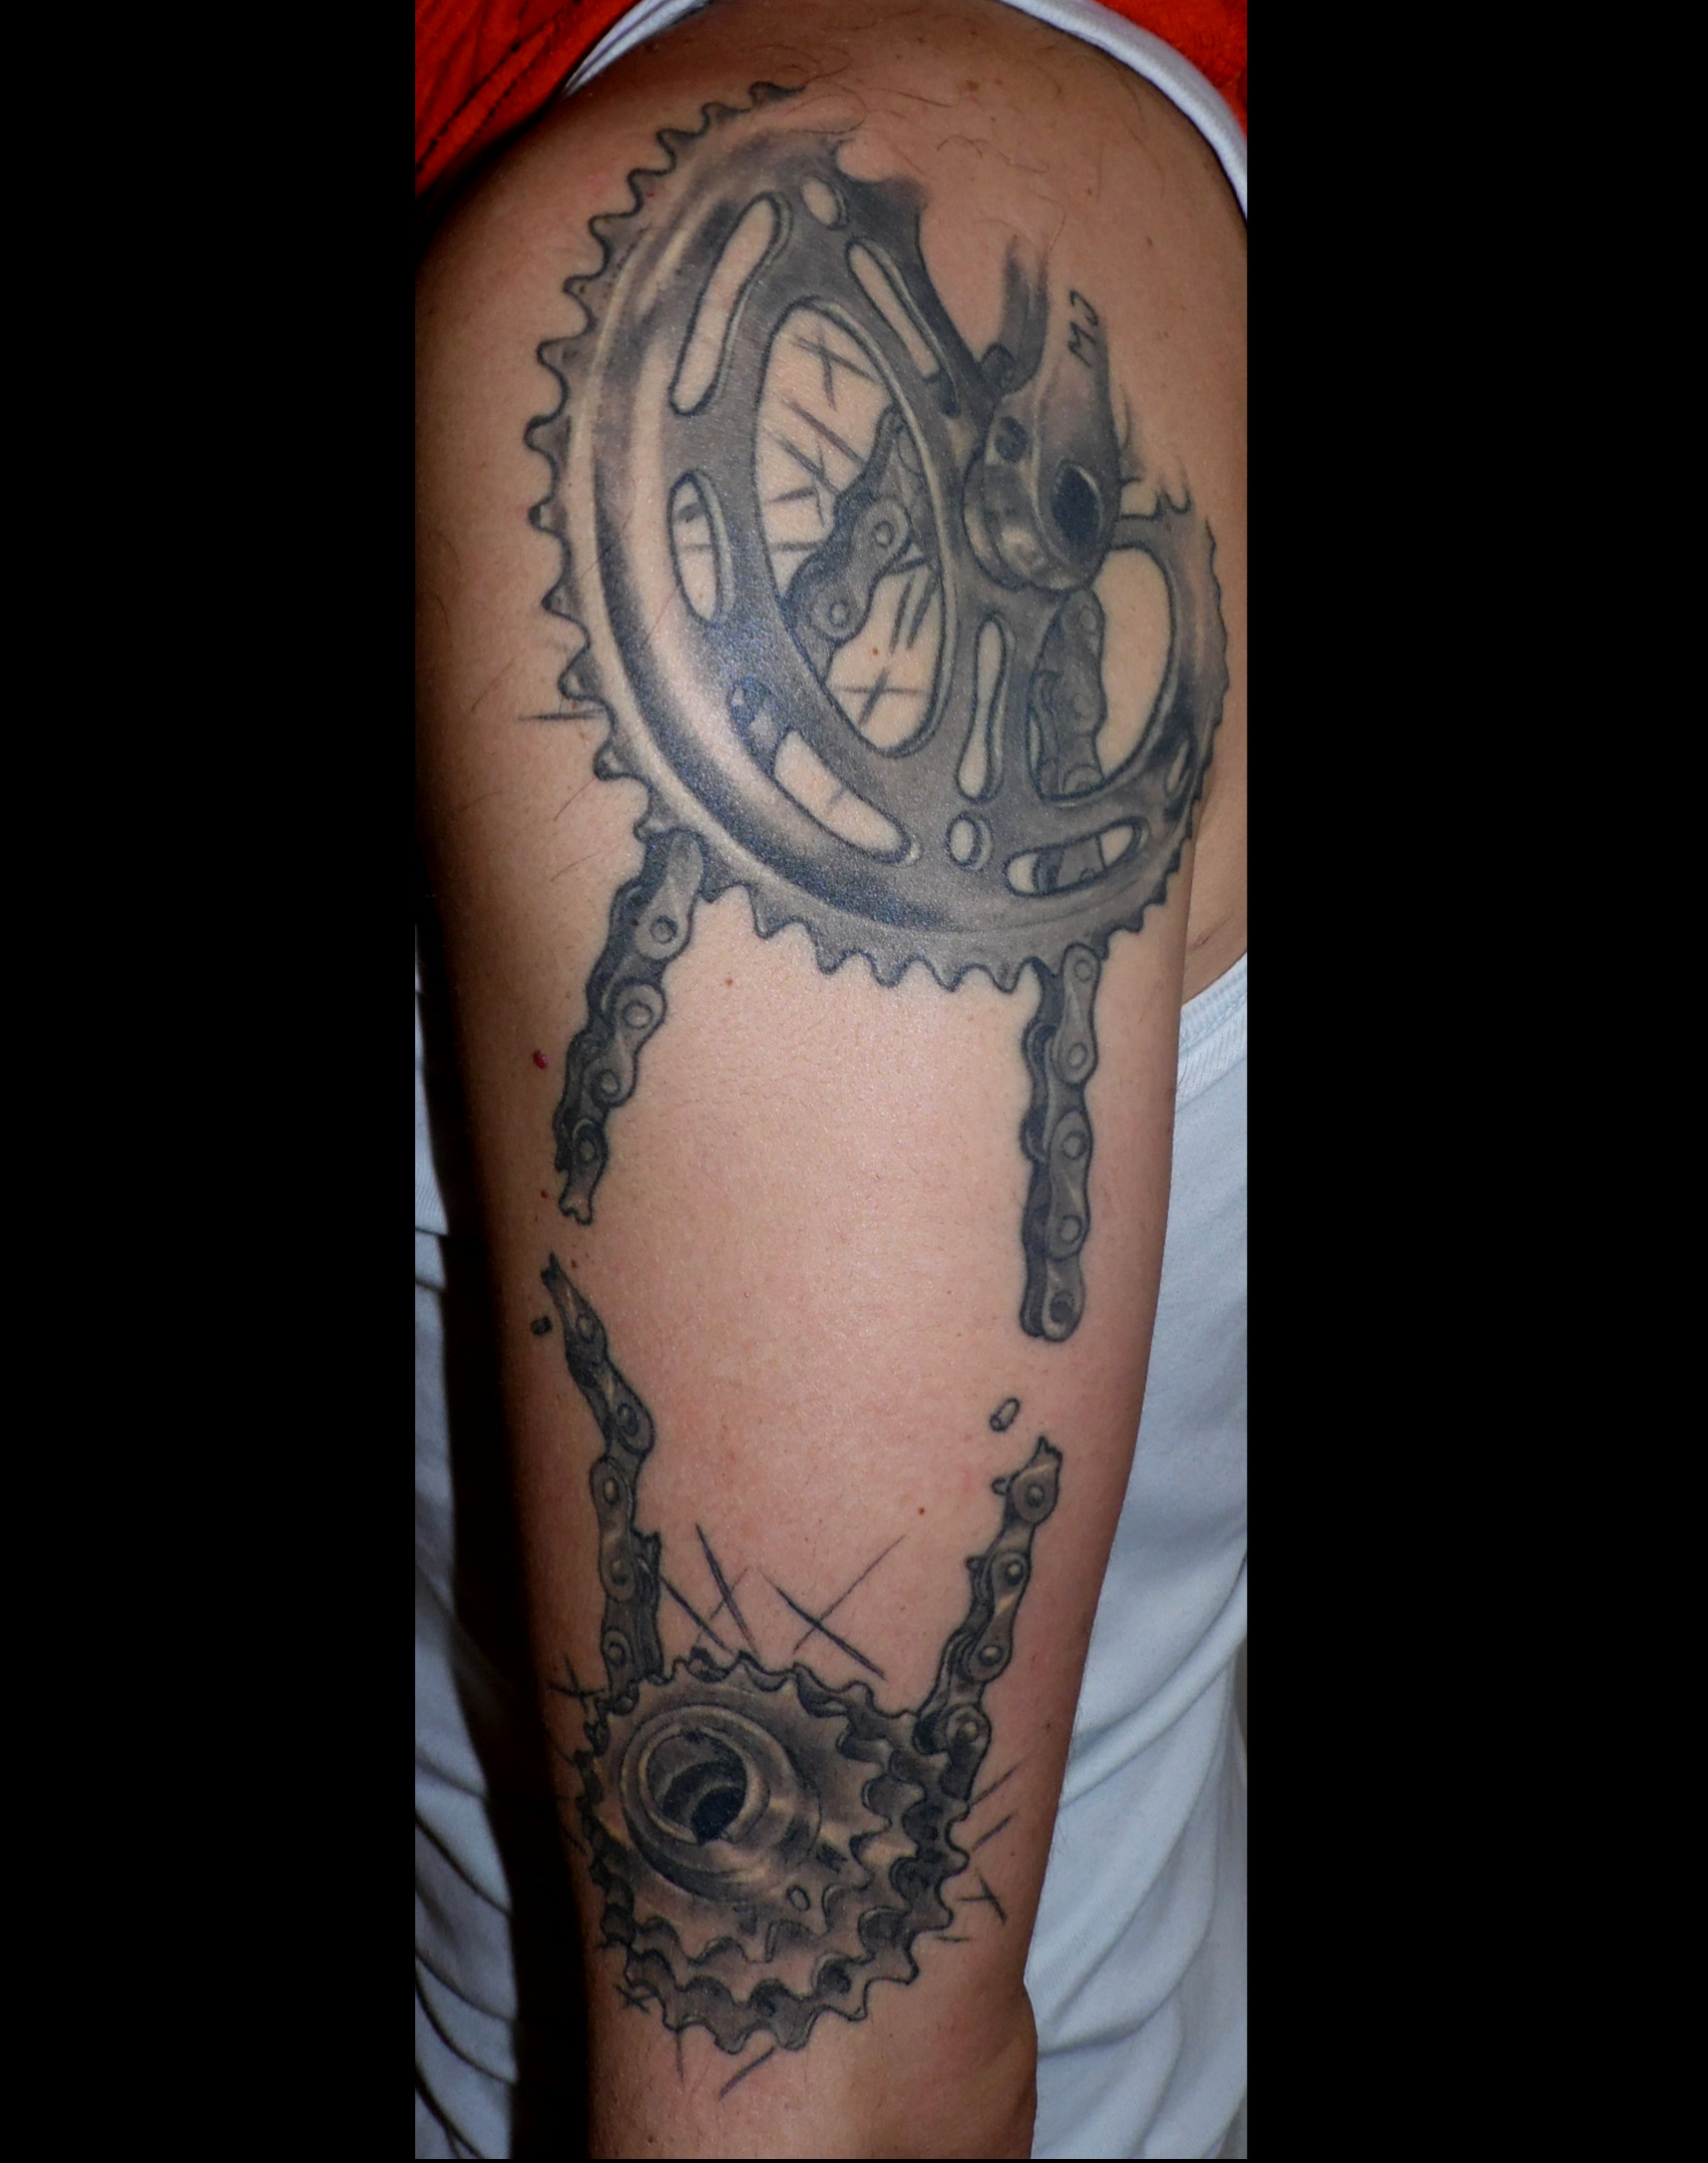 Tatuaje de plato y piñones de bici ya cicatrizado